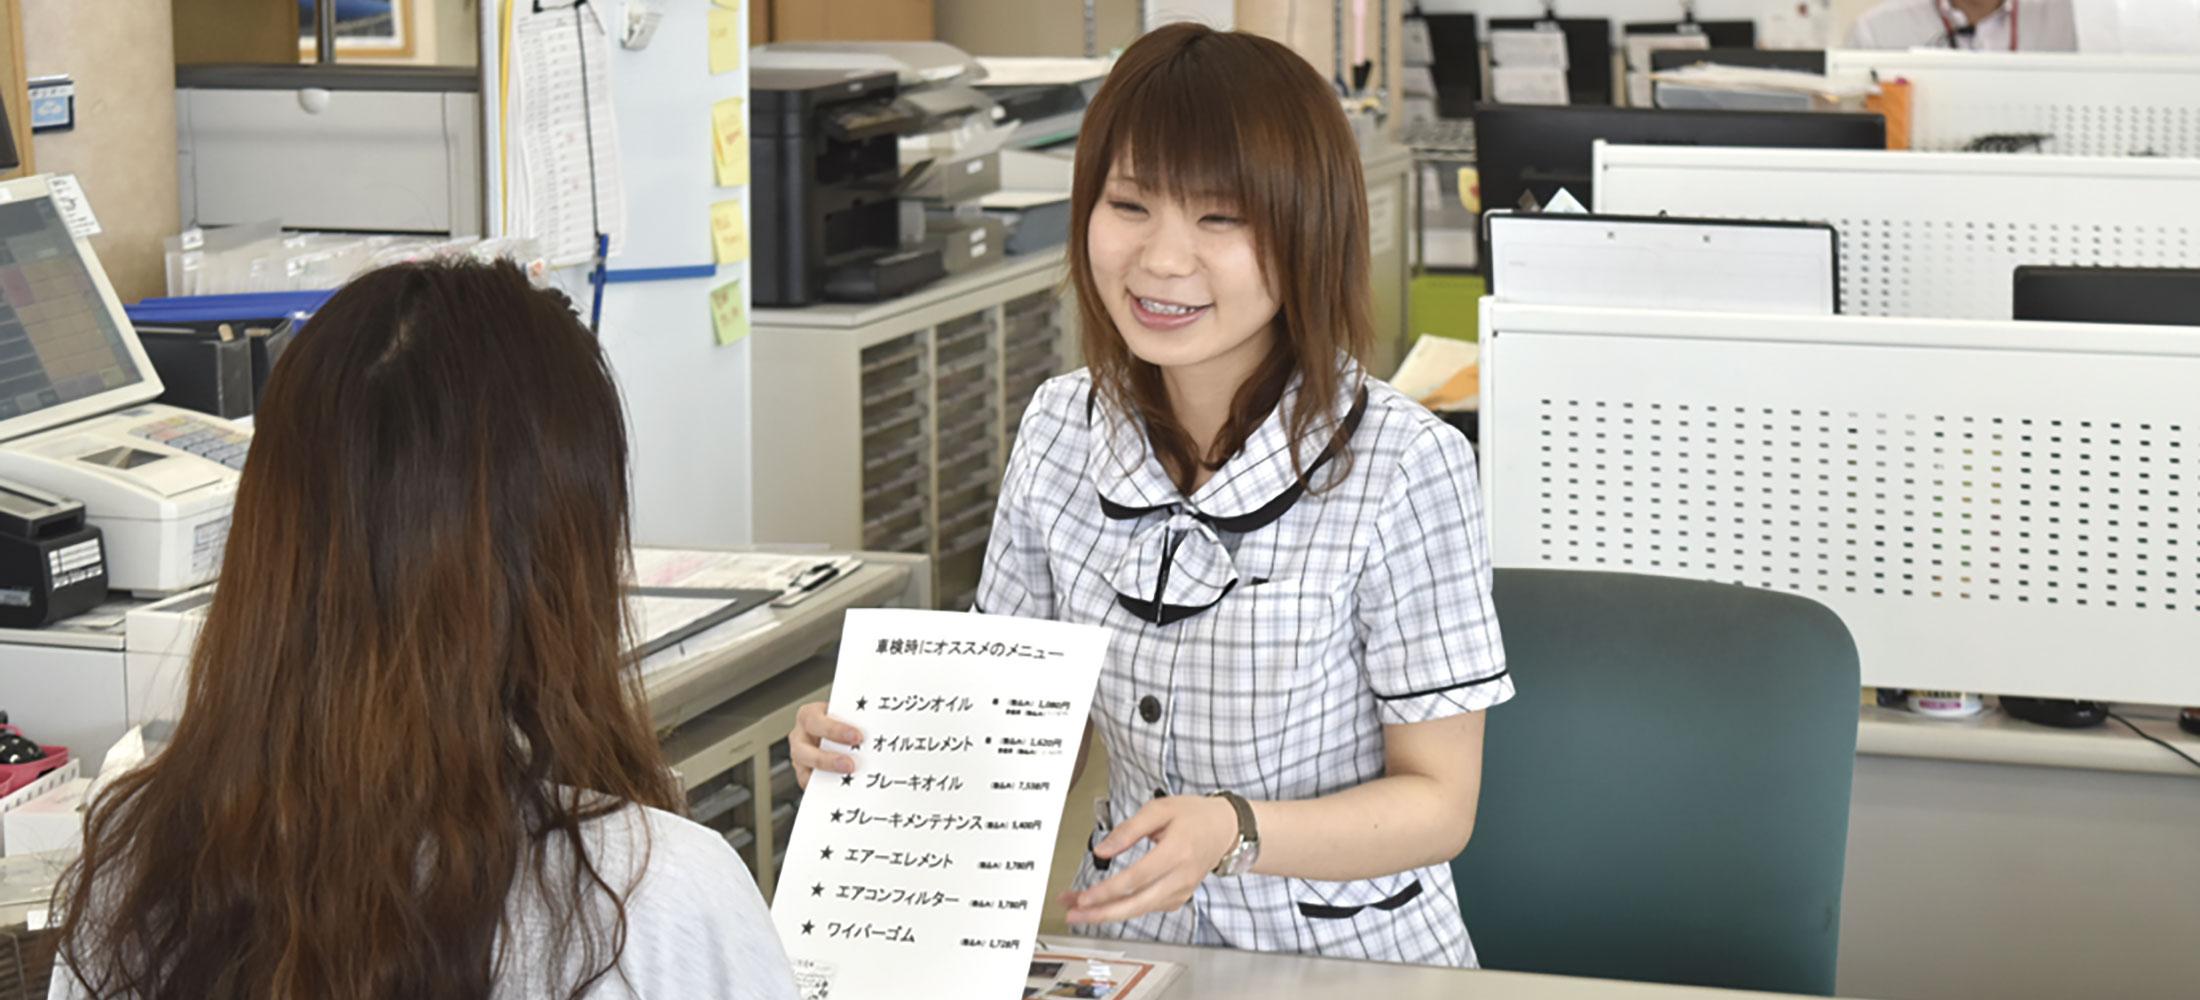 13,000円+法定費用+消費税の明瞭会計